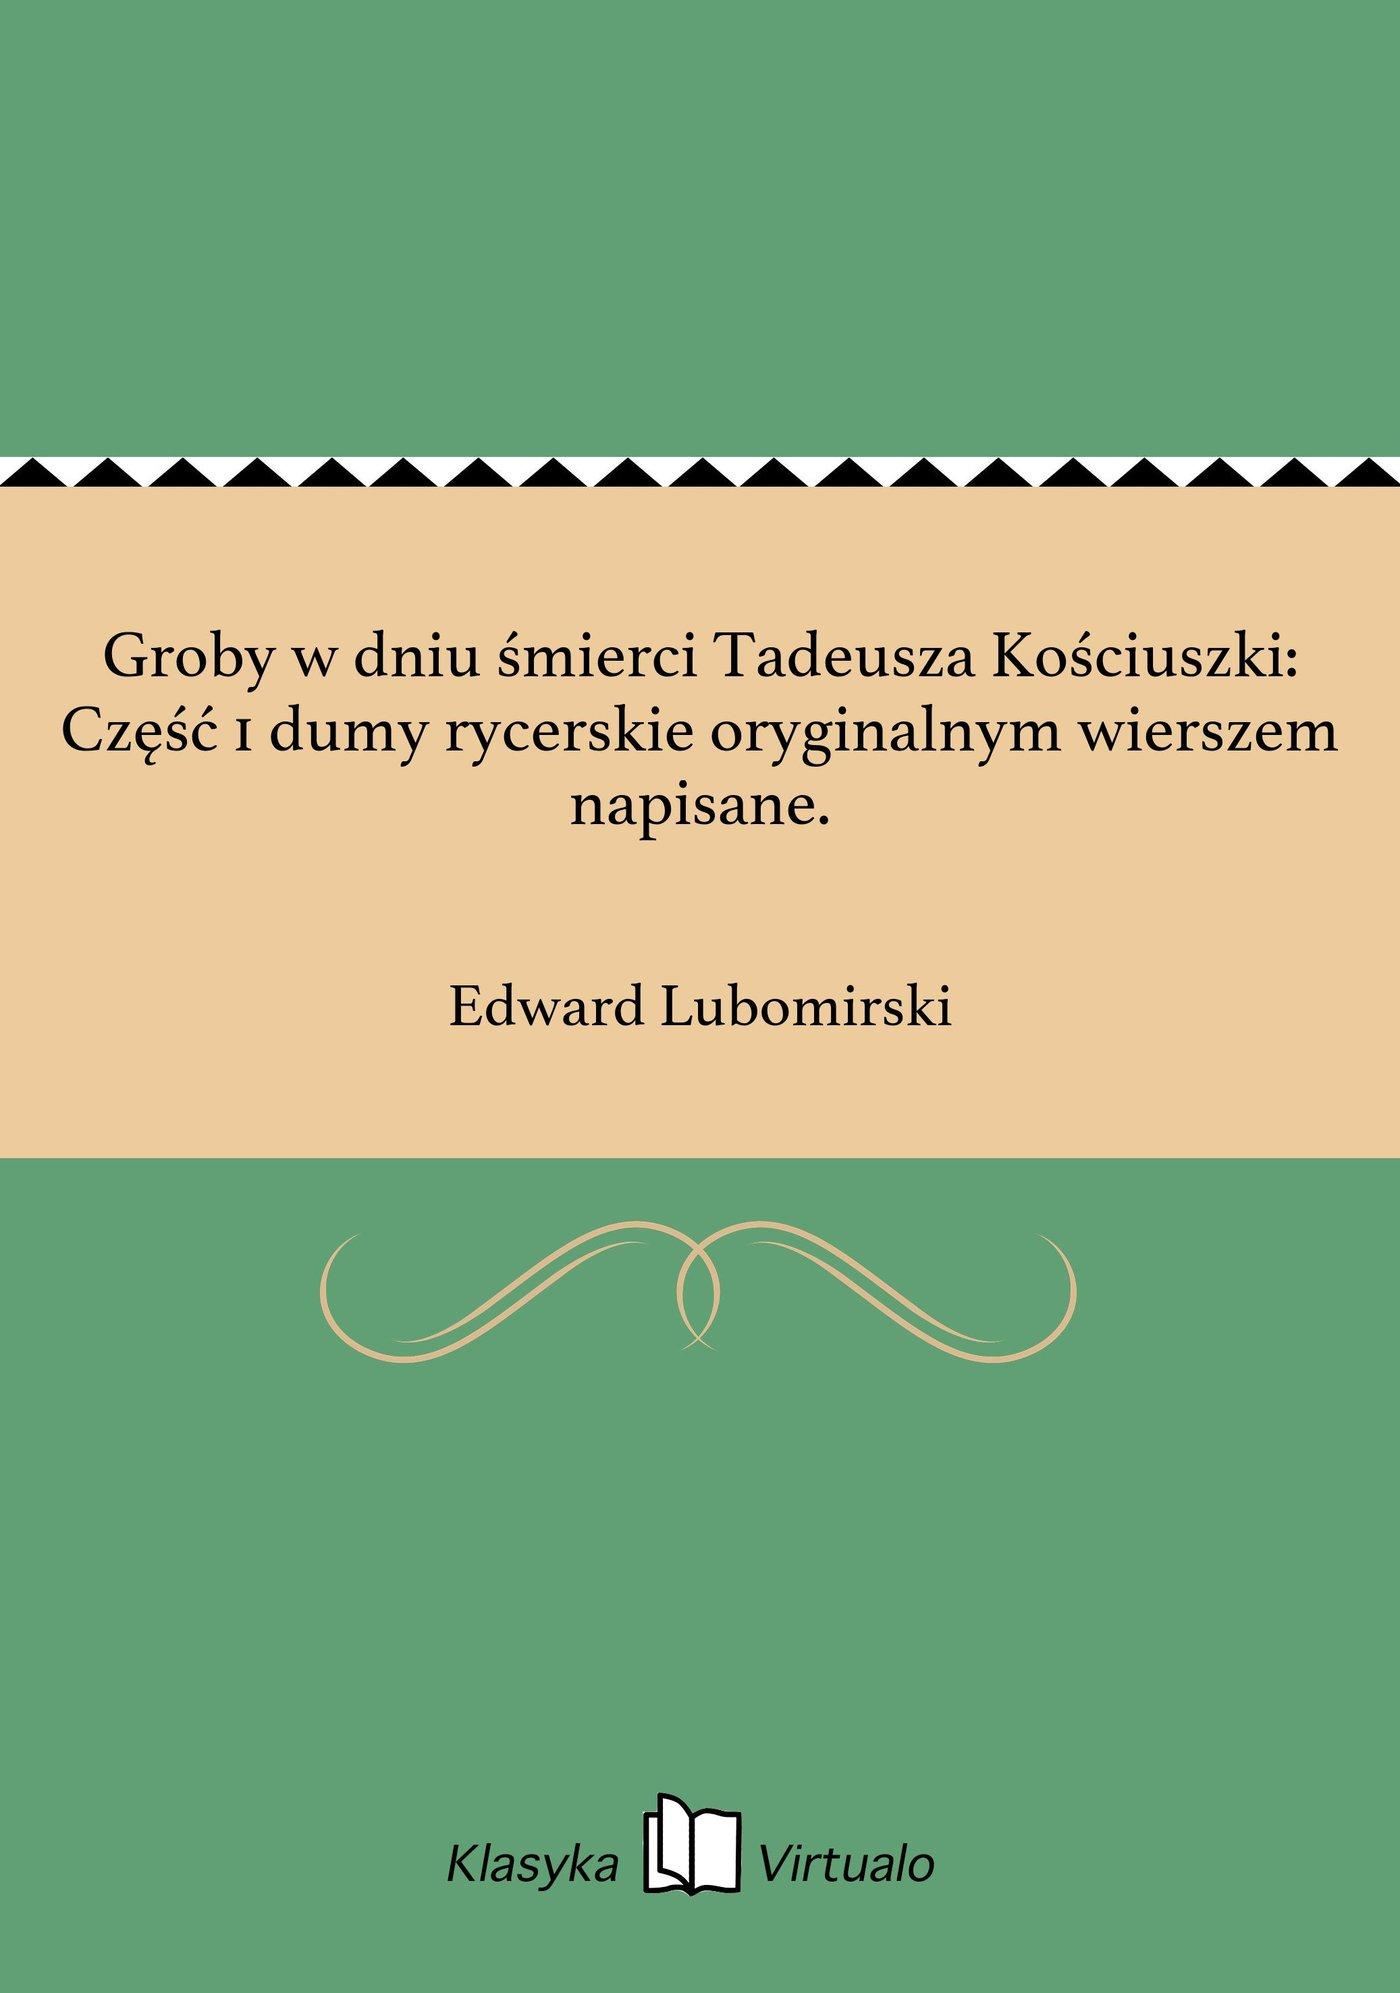 Groby w dniu śmierci Tadeusza Kościuszki: Część 1 dumy rycerskie oryginalnym wierszem napisane. - Ebook (Książka EPUB) do pobrania w formacie EPUB